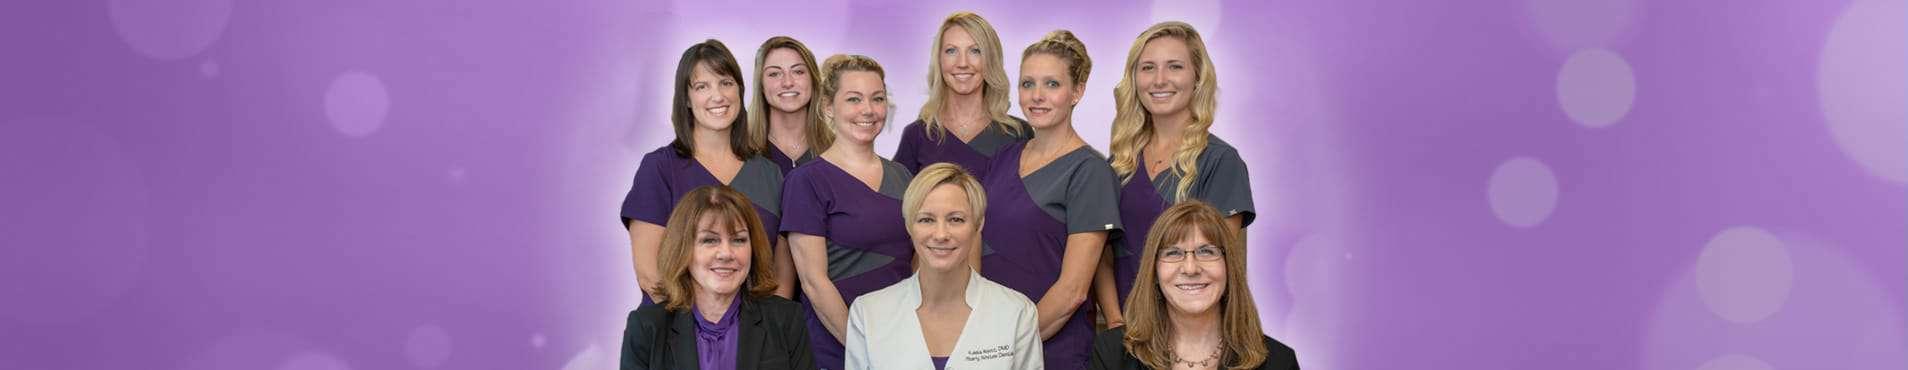 Dental Crowns Dentist Serving Woodside